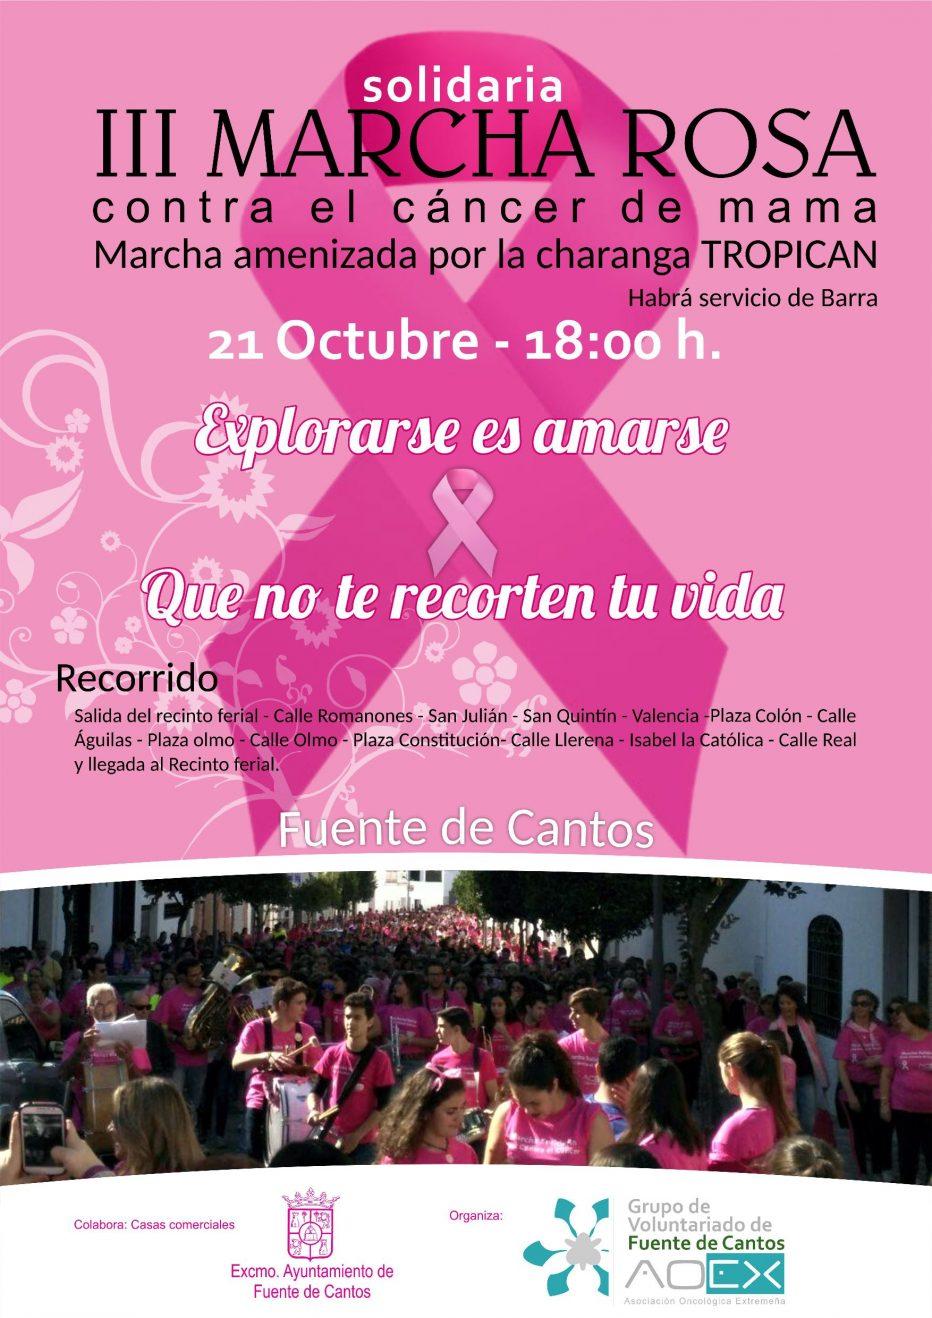 III Marcha Rosa Solidaria #MarchaRosa